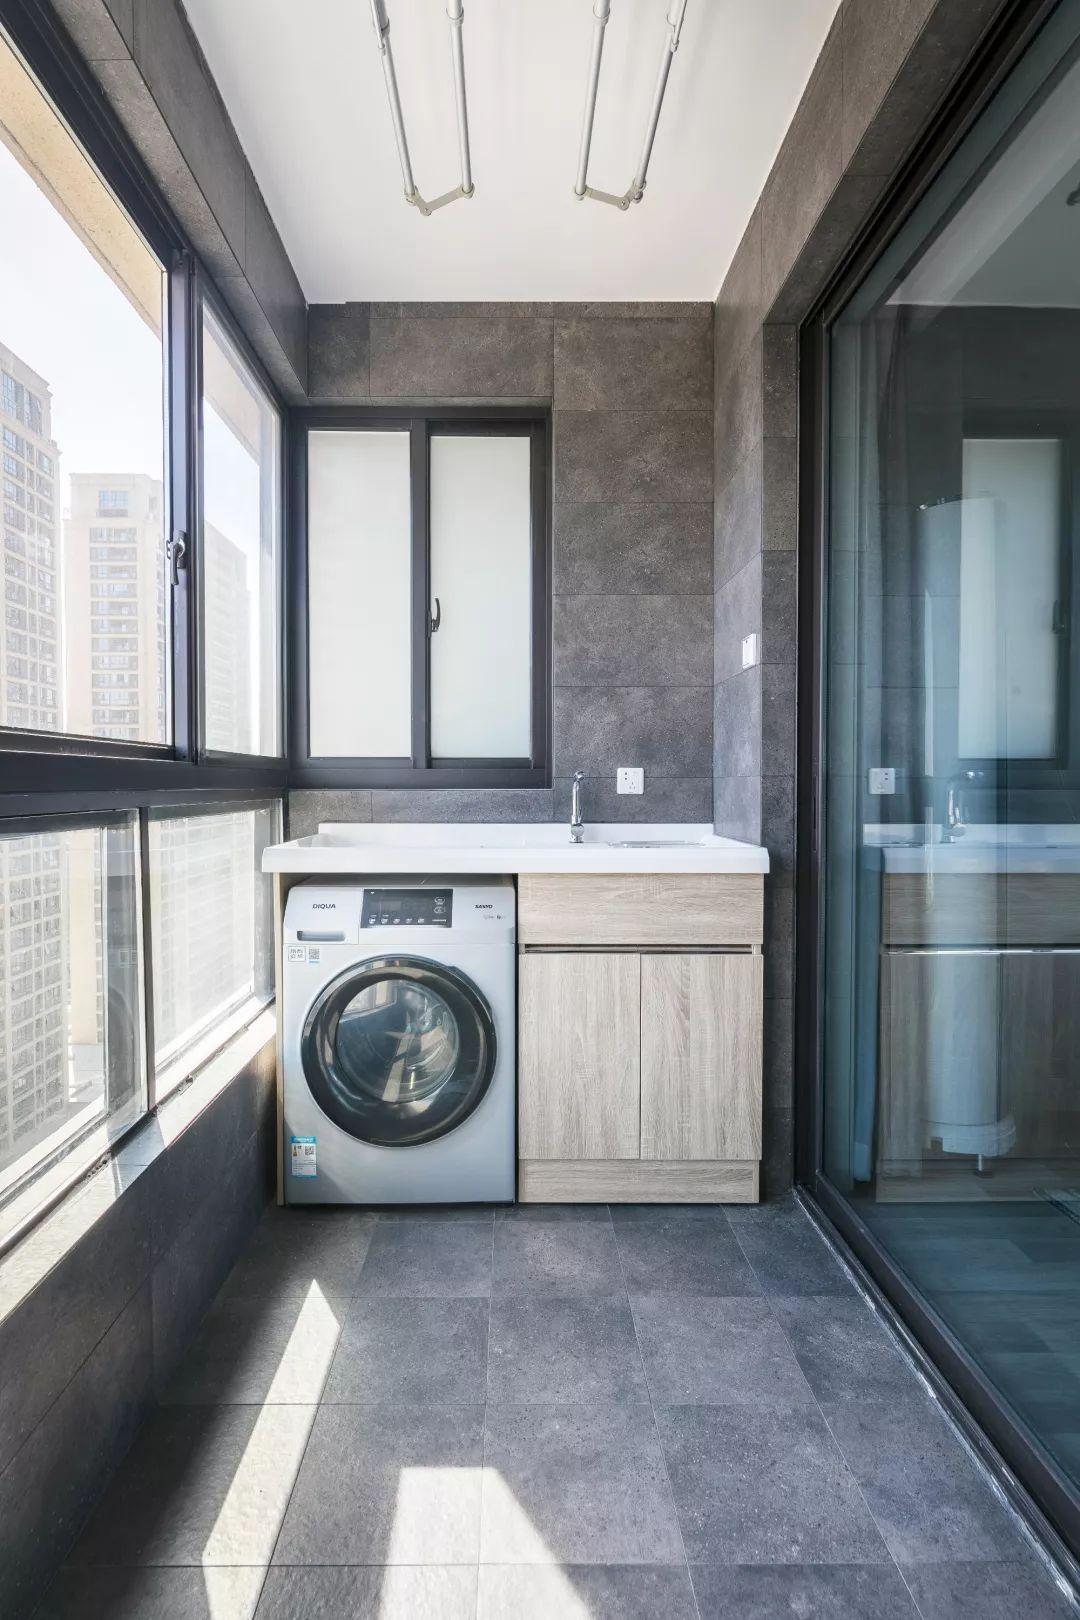 阳台采光特别足,以洗衣晾晒为主,还是非常实用的。时尚的灰色地砖,给人很大气的感觉。